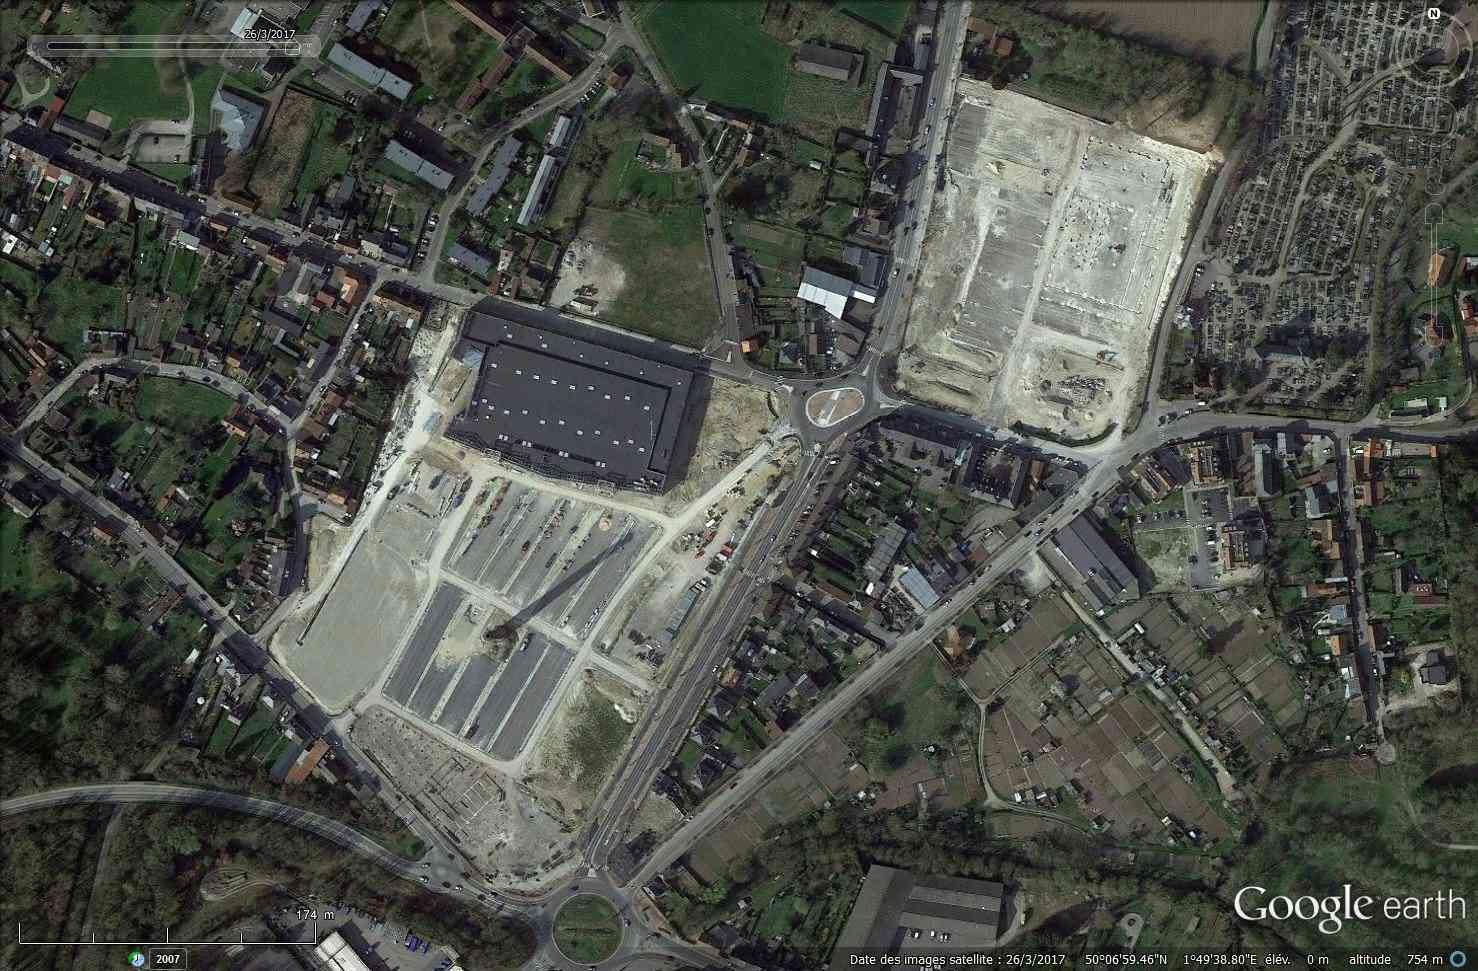 [Bientôt visible sur Google-Earth] Futur quartier de la sucrerie à Abbeville, Somme Tsge_528